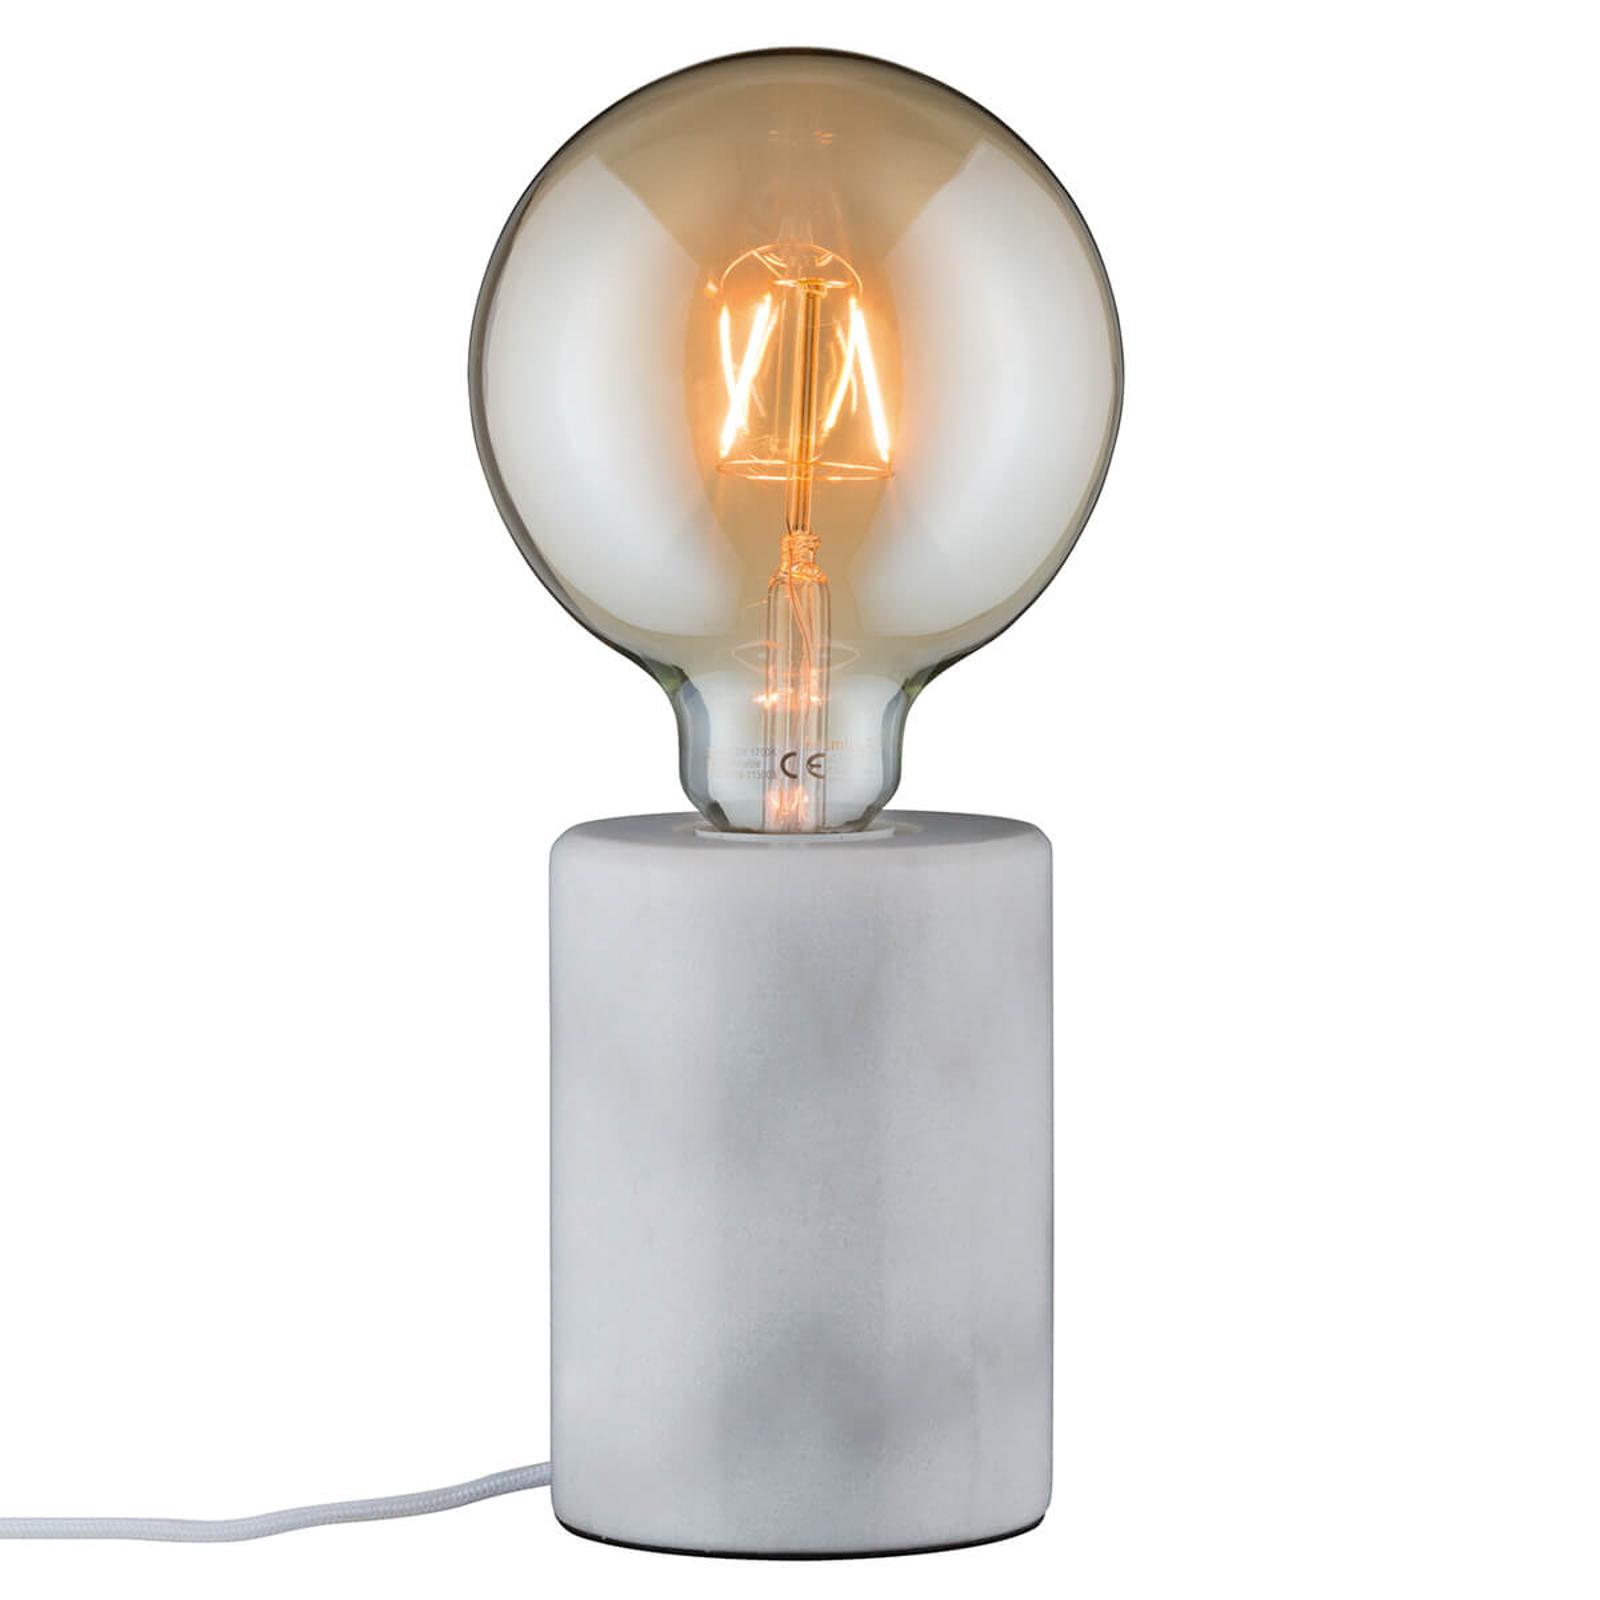 Lampada da tavolo Nordin in marmo bianco